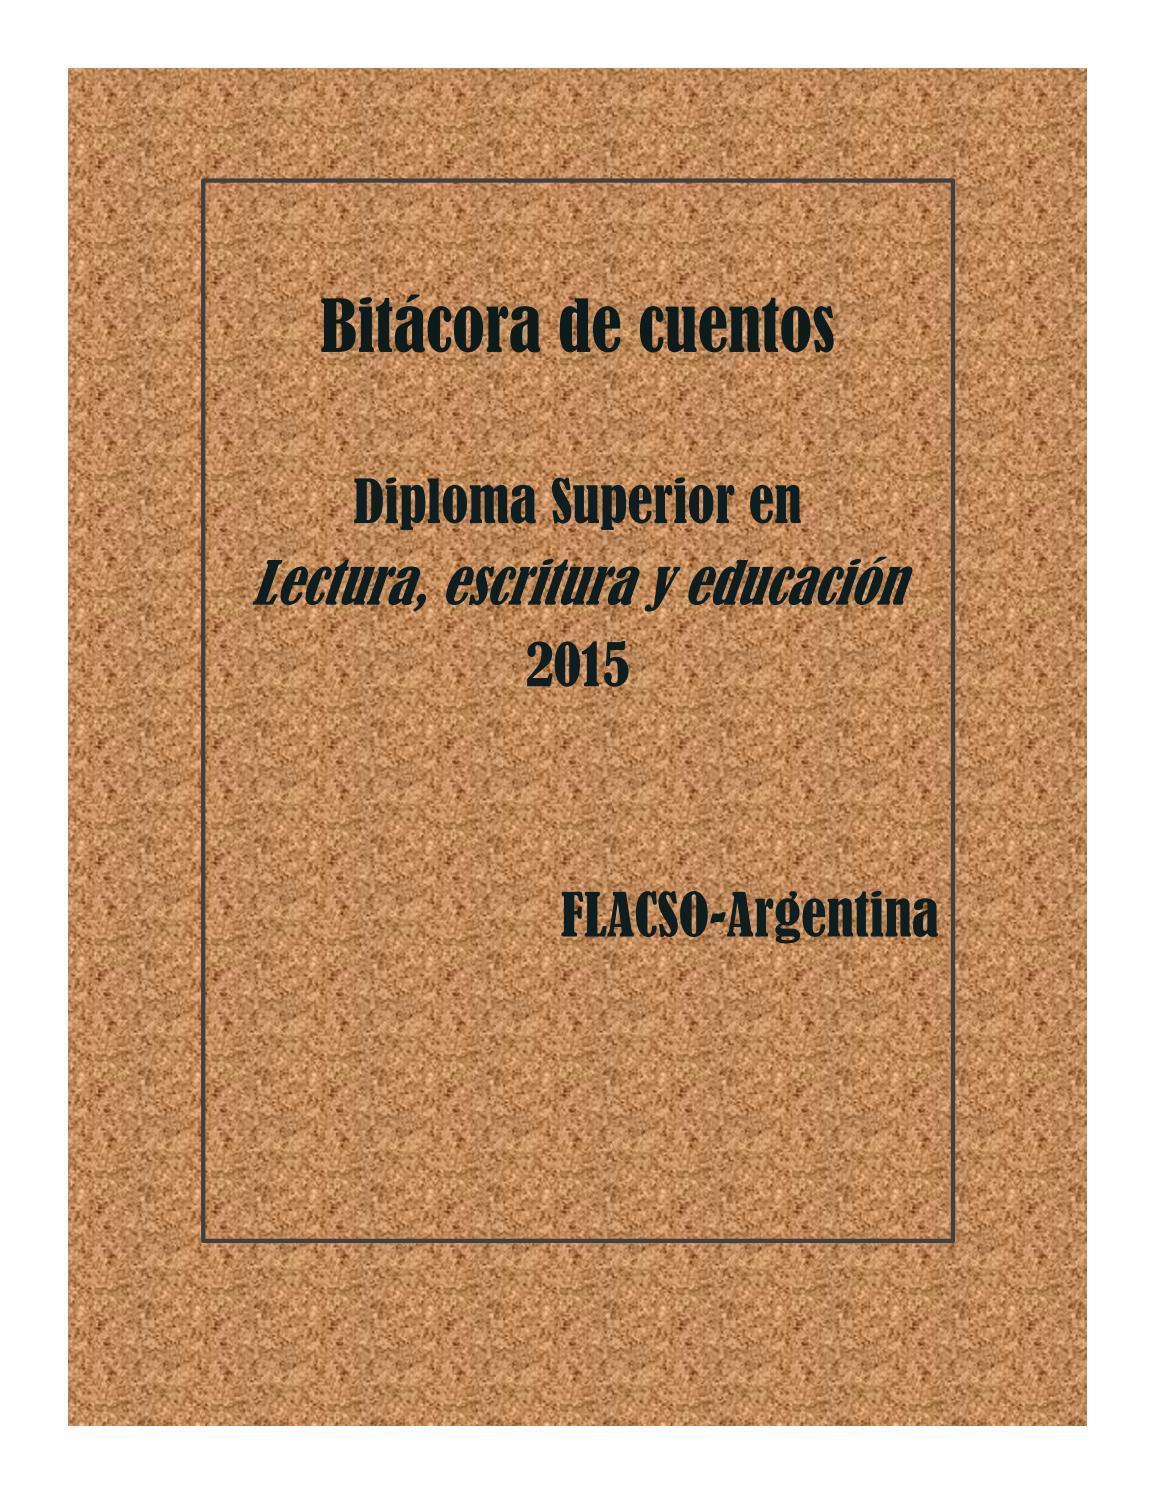 Bitacora 2015 Lectura Escritura Y Educacion Flacso By Flacso  # Bitacora Muebles